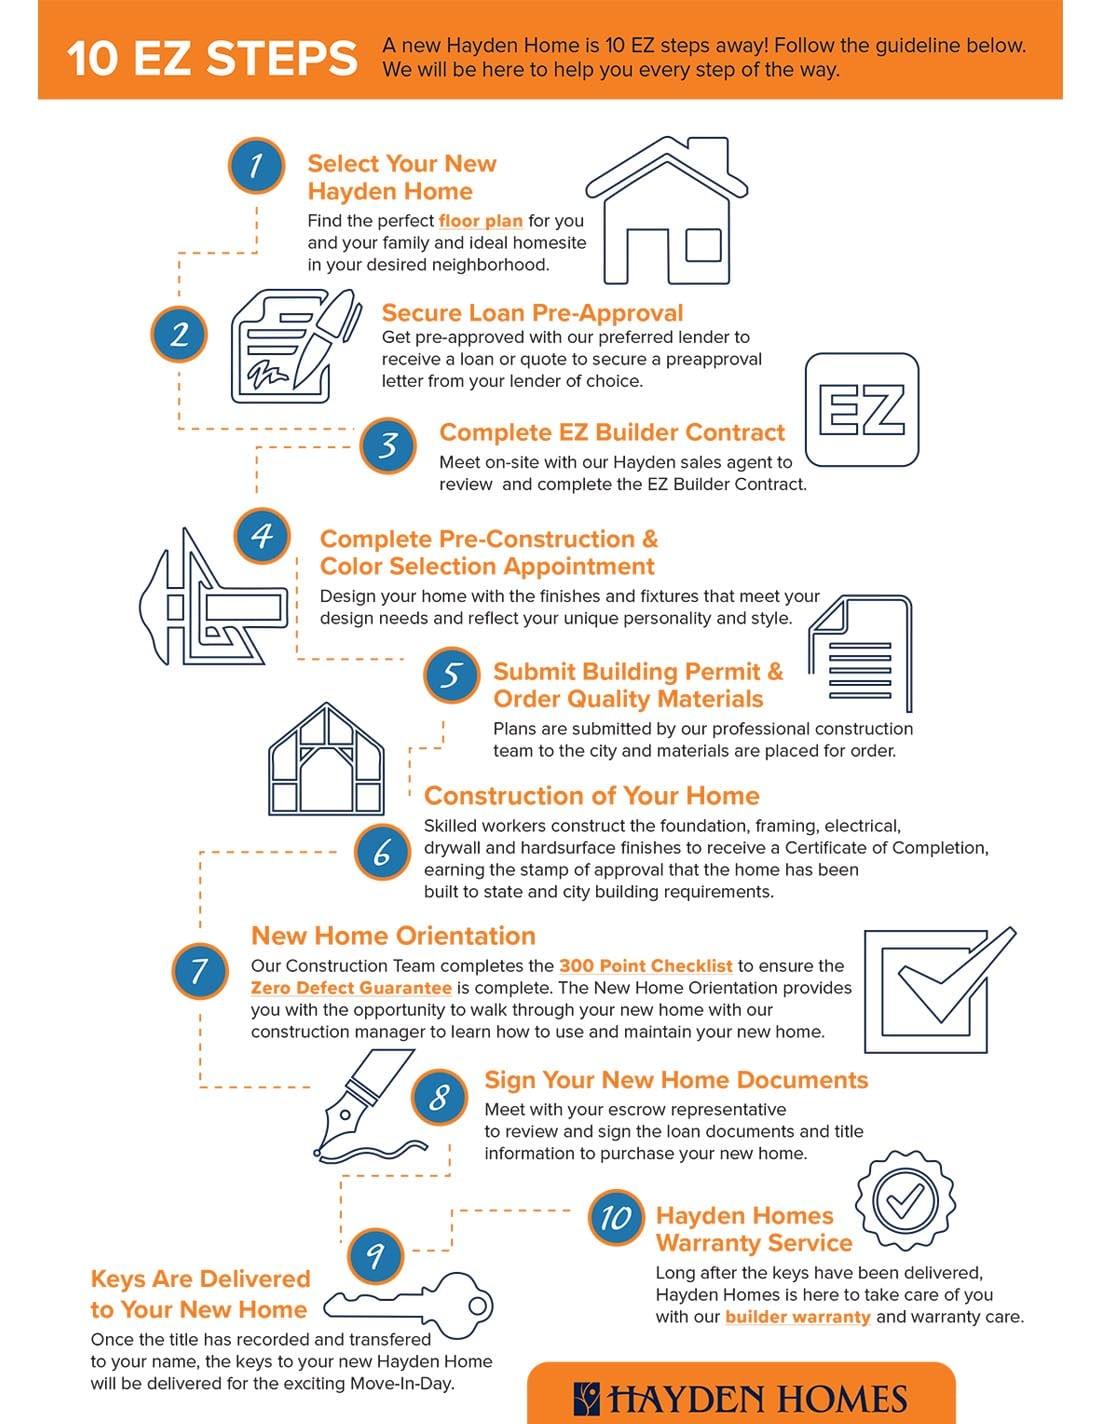 10-ezsteps-infographic-new